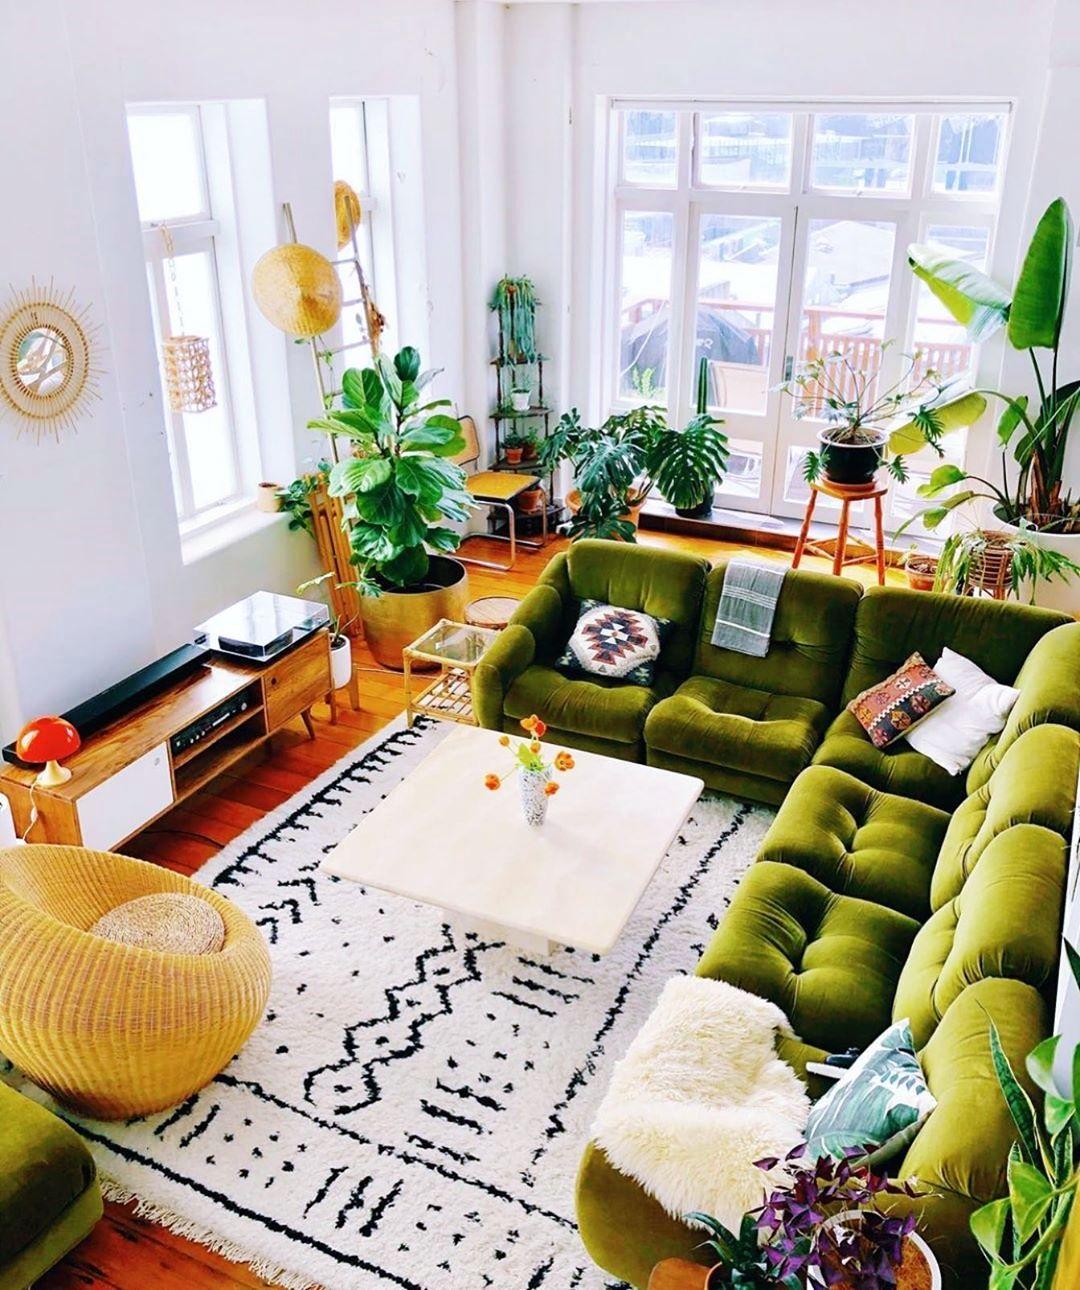 #moderndecor #moderndesign #moderninterior #modernhome #modernhouse #livingroomdesign #livingroomdecor #livingroom #livingroomideas